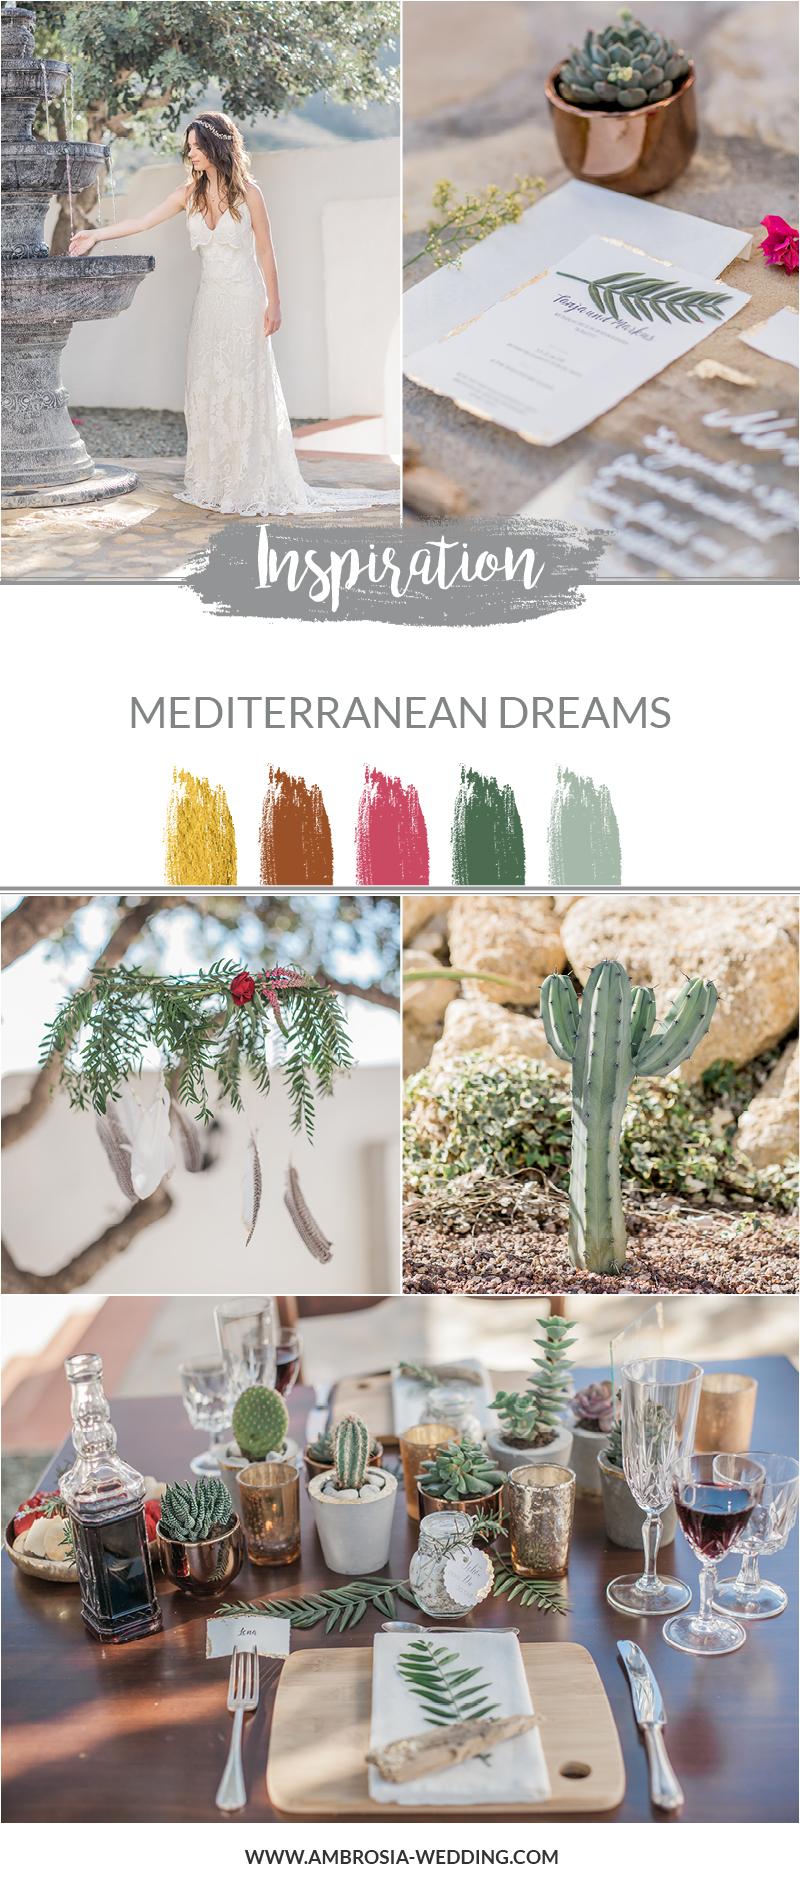 Mediterrane Hochzeit Idee, Farbpalette Grün, Gold und Kupfer mit Sukkulenten und Kakteen.